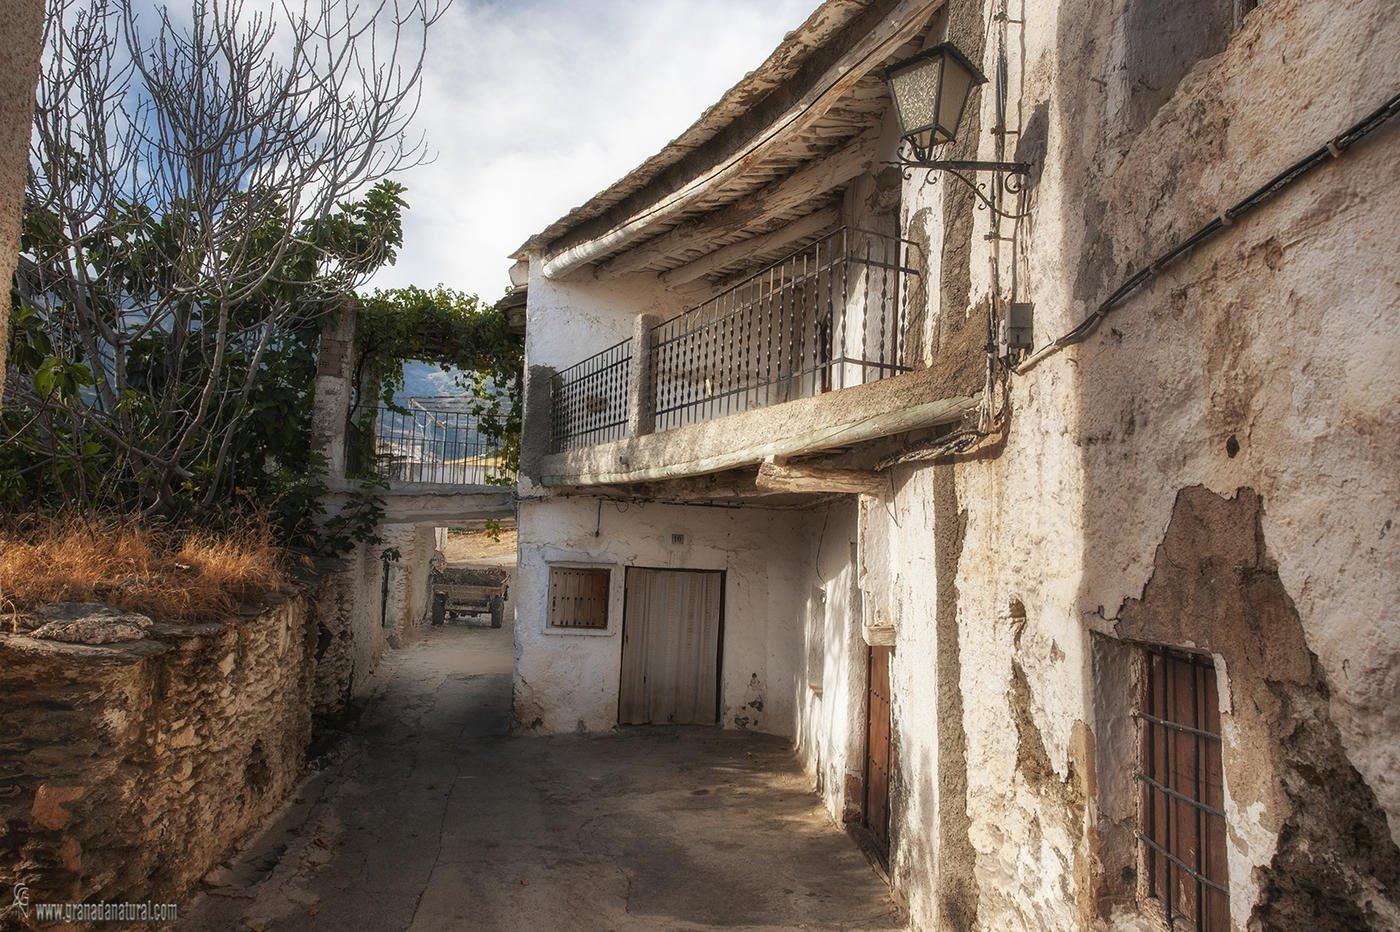 Viejos tinaos y casas alpujarreñas ( Bubión) (Lucas Gutierrez Jiménez)